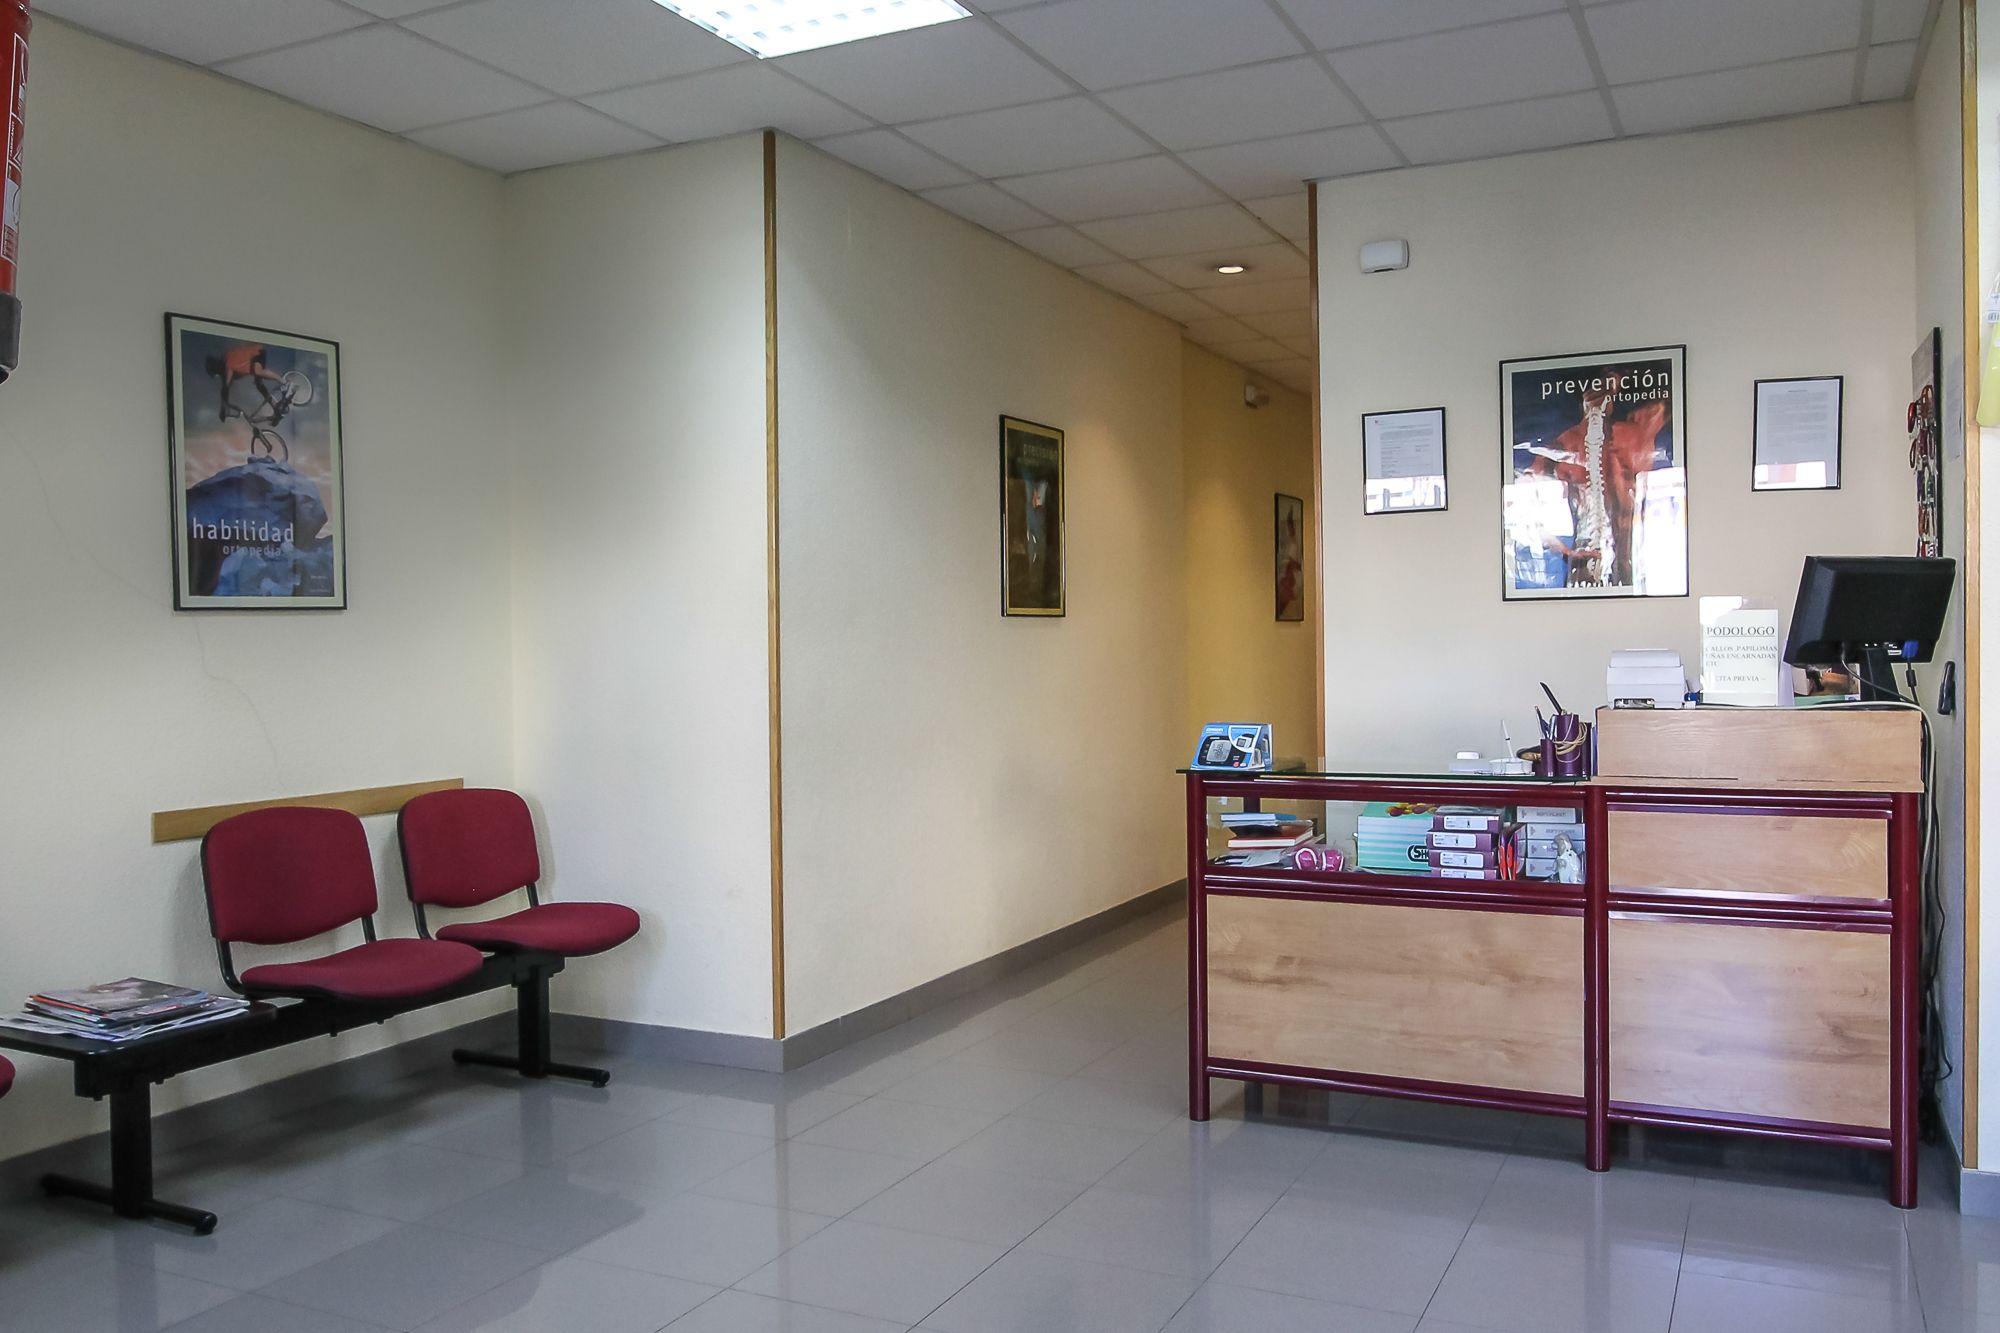 Foto 3 de Ayudas técnicas en Coslada | Centro Ortopédico Venezuela